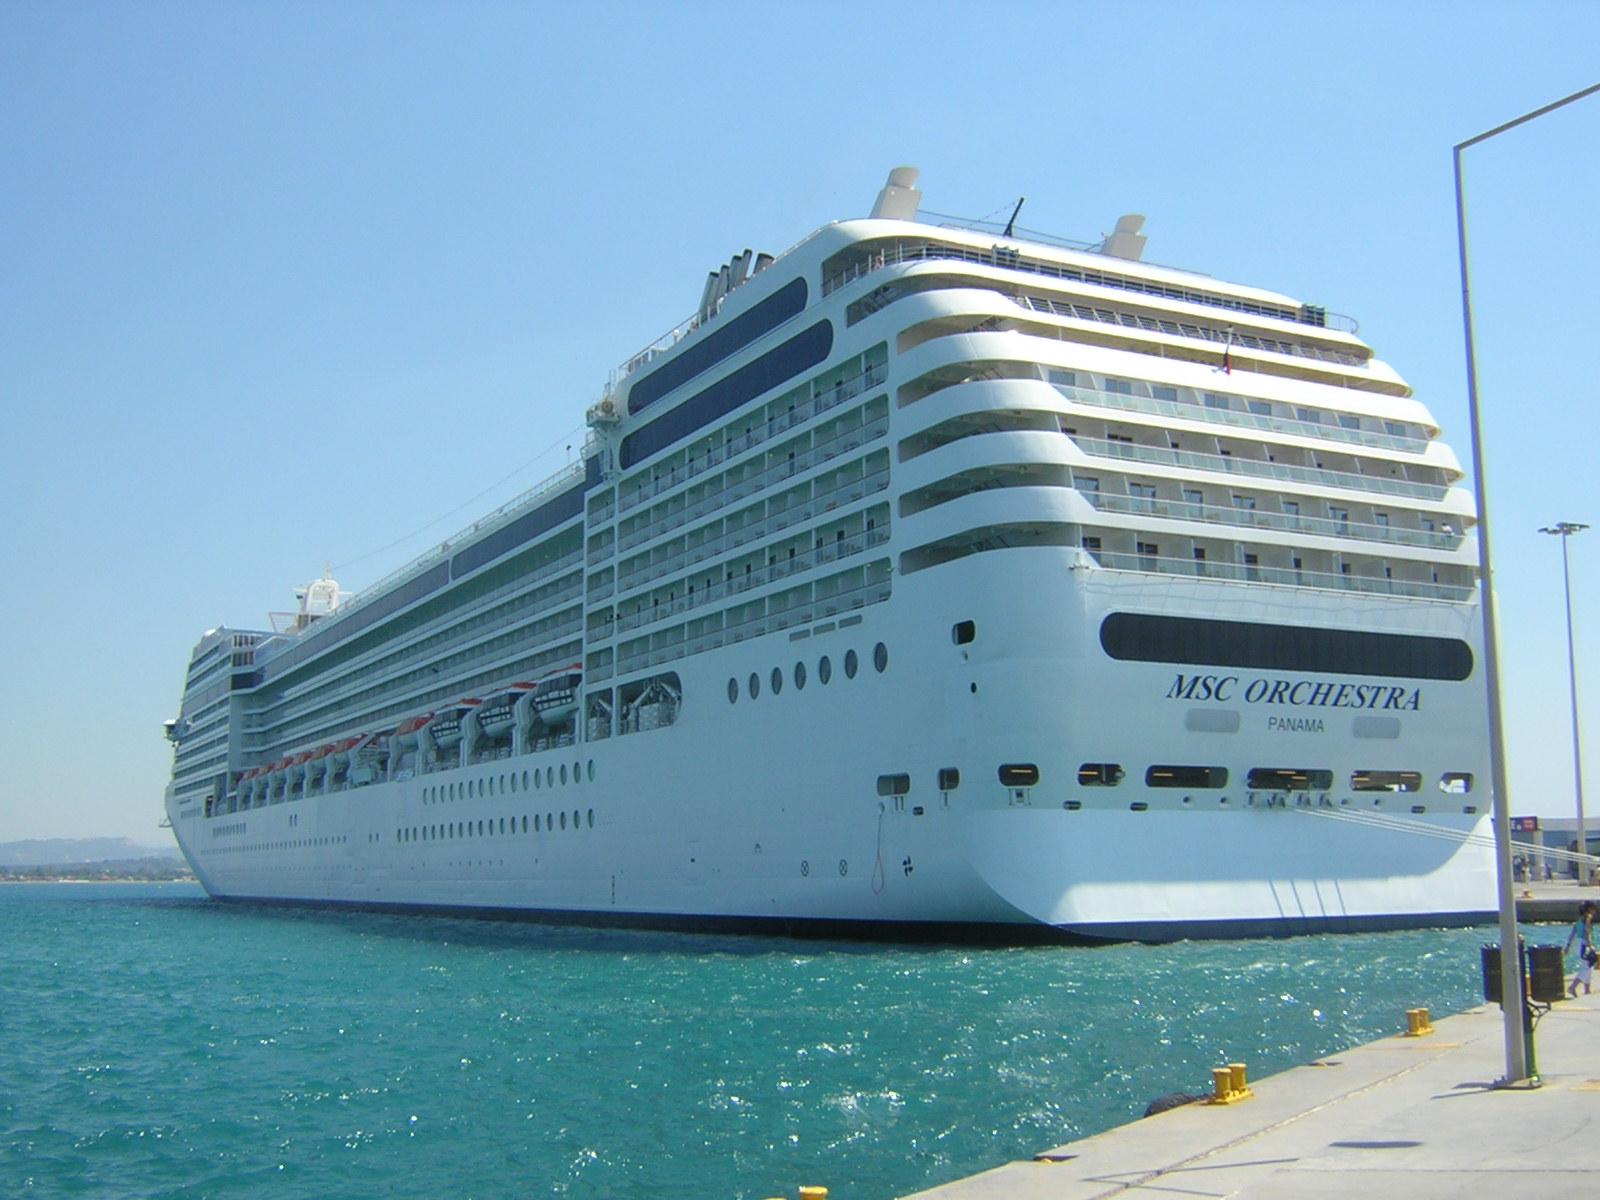 incontri livorno cruise